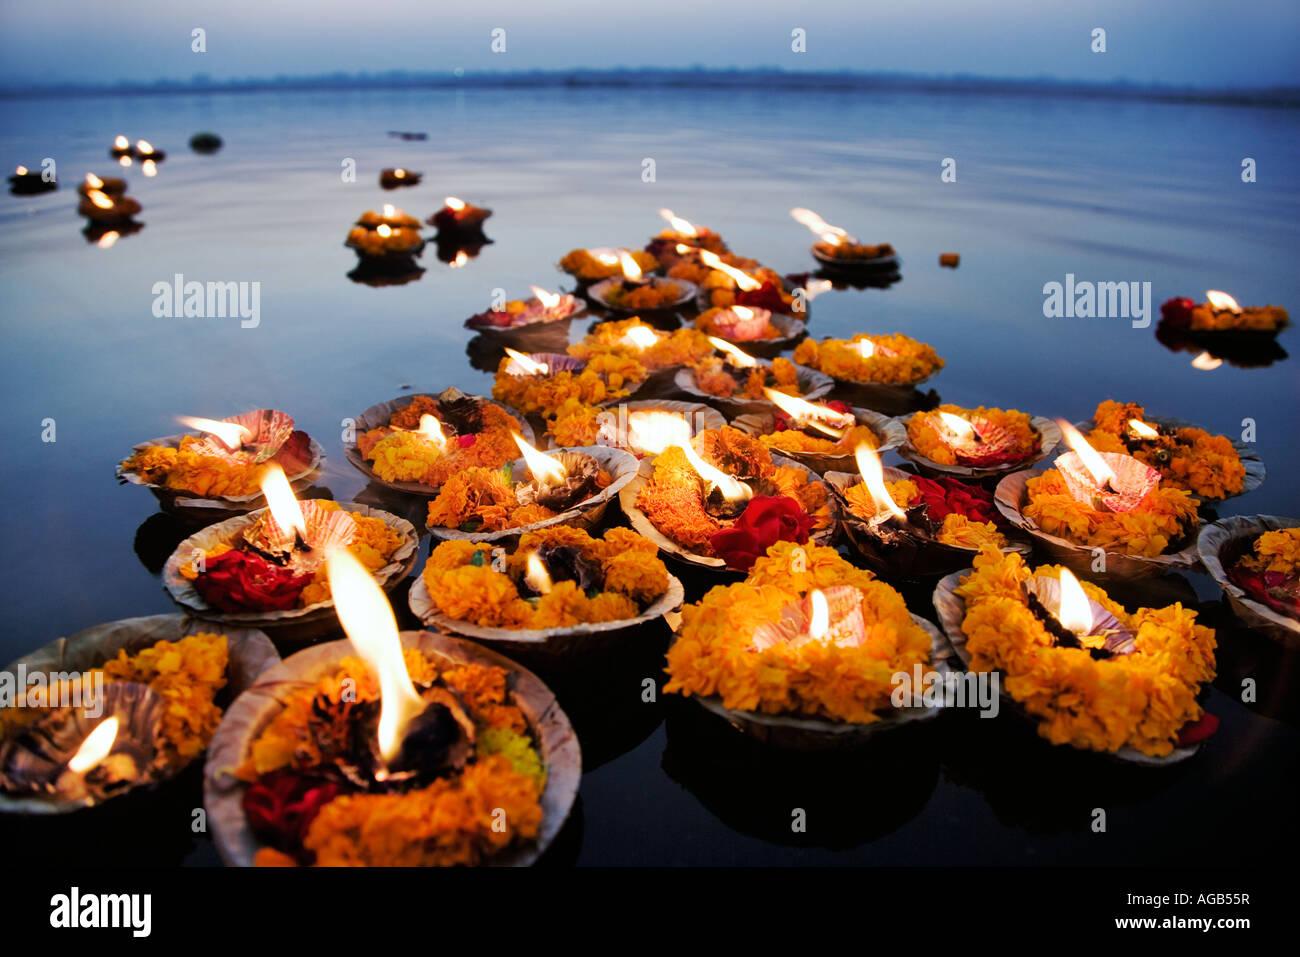 Deepak in den Ganges der Deepak oder Öllampen sind als Opfergabe an den Ganges Fluss Varanasi Indien verwendet. Stockfoto